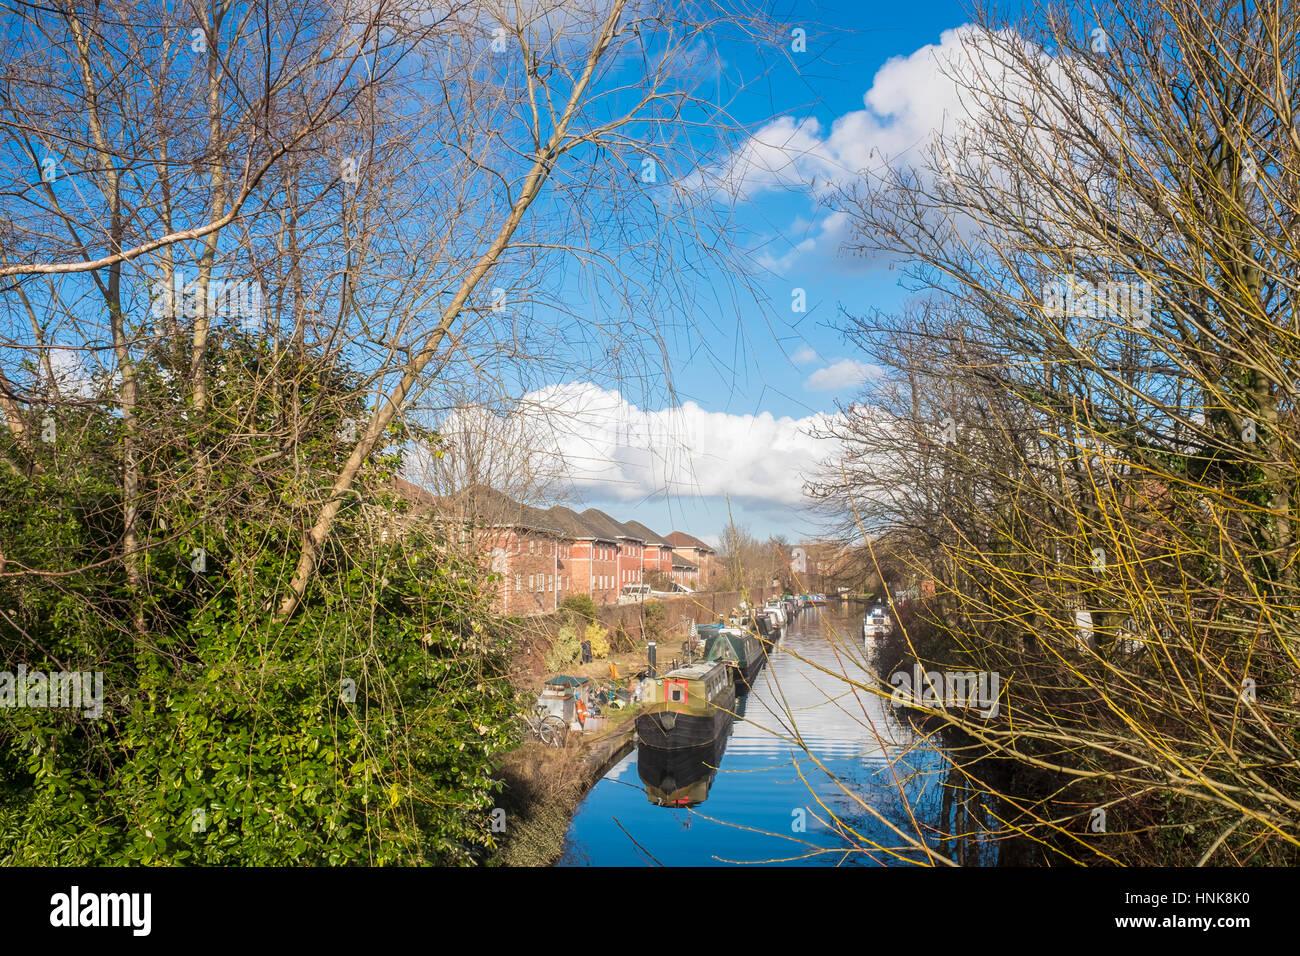 Belle vue sur le Canal de Birmingham avec Canal Boats vu Photo Stock